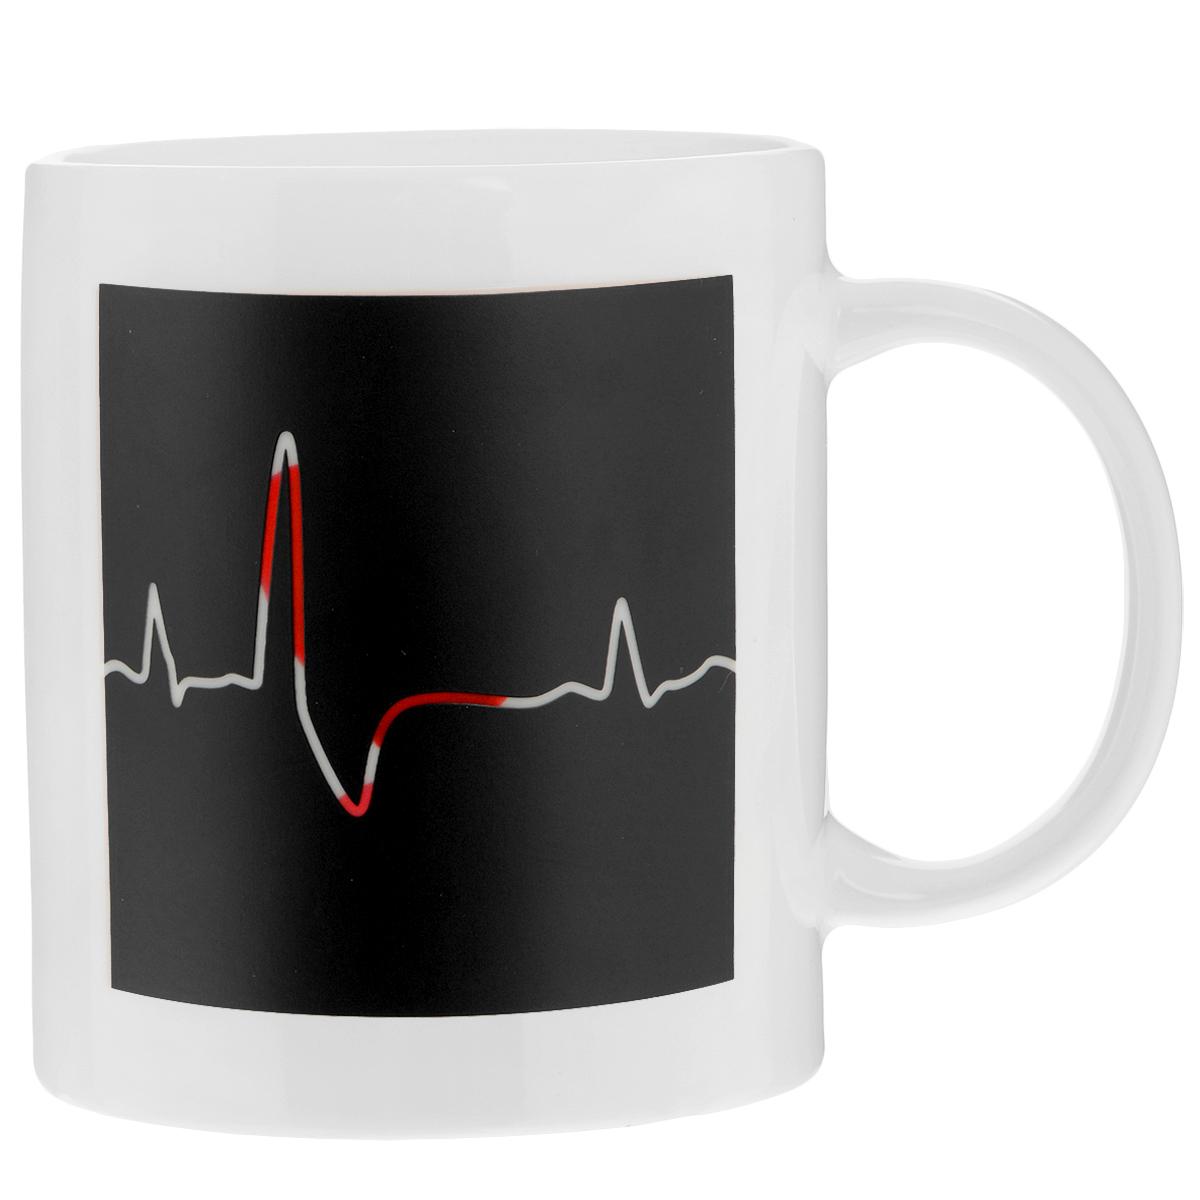 Кружка Биение сердца, 350 мл96312Кружка-хамелеон Биение сердца выполнена из высококачественного фарфора. Изменяет рисунок при нагреве. В холодном состоянии на кружке нарисовано графическое изображение биения сердца. Если в нее налить горячий напиток, то рисунок меняет цвет с темного на светлый, а на светлом поле проявляется рисунок красного сердца и надпись I Love U. Такой подарок станет не только приятным, но и практичным сувениром: кружка станет незаменимым атрибутом чаепития, а оригинальный дизайн вызовет улыбку.Нельзя мыть в посудомоечной машине. Можно использовать в микроволновой печи. Диаметр по верхнему краю: 8 см.Высота кружки: 9,5 см.Объем: 350 мл.